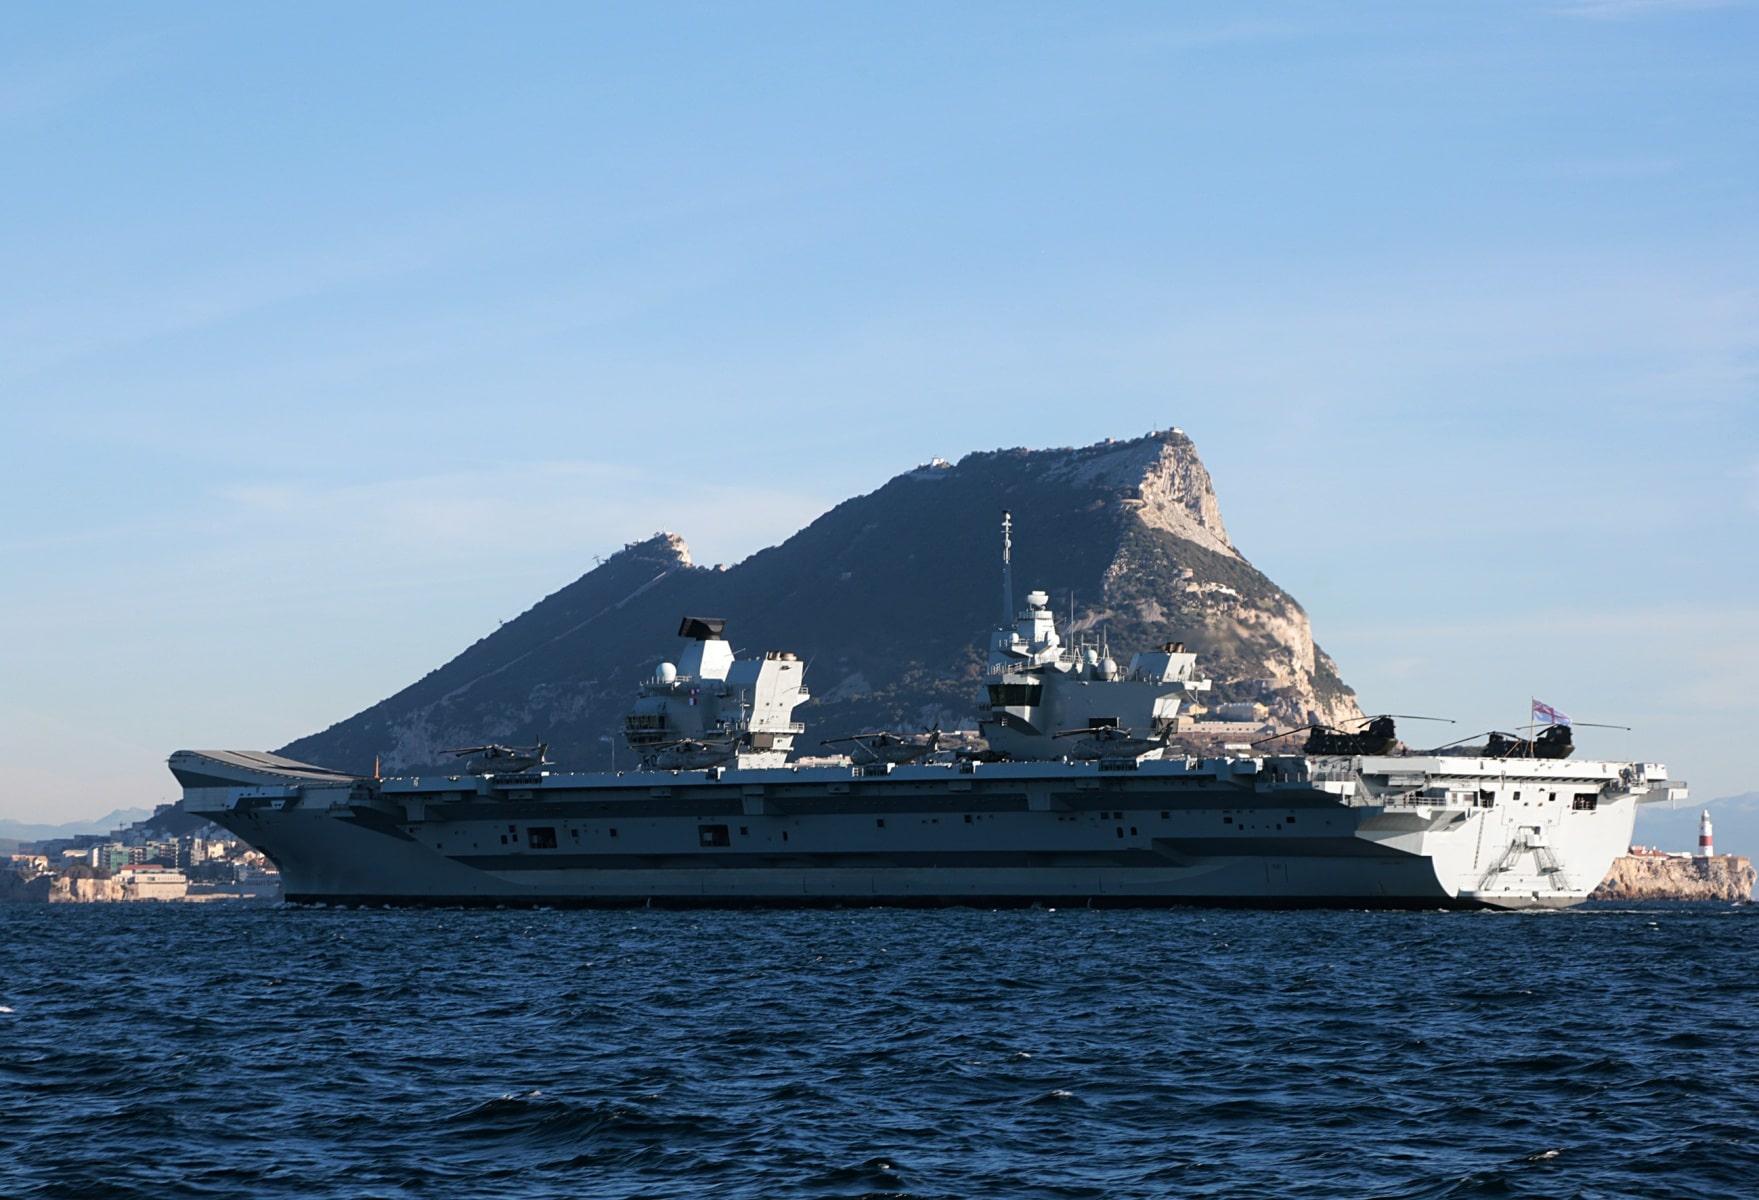 portaaviones-hms-queen-elizabeth-llegando-a-gibraltar-imagen-tomada-desde-uno-de-los-buques-de-apoyo-via-royal-navy-22_28386236989_o